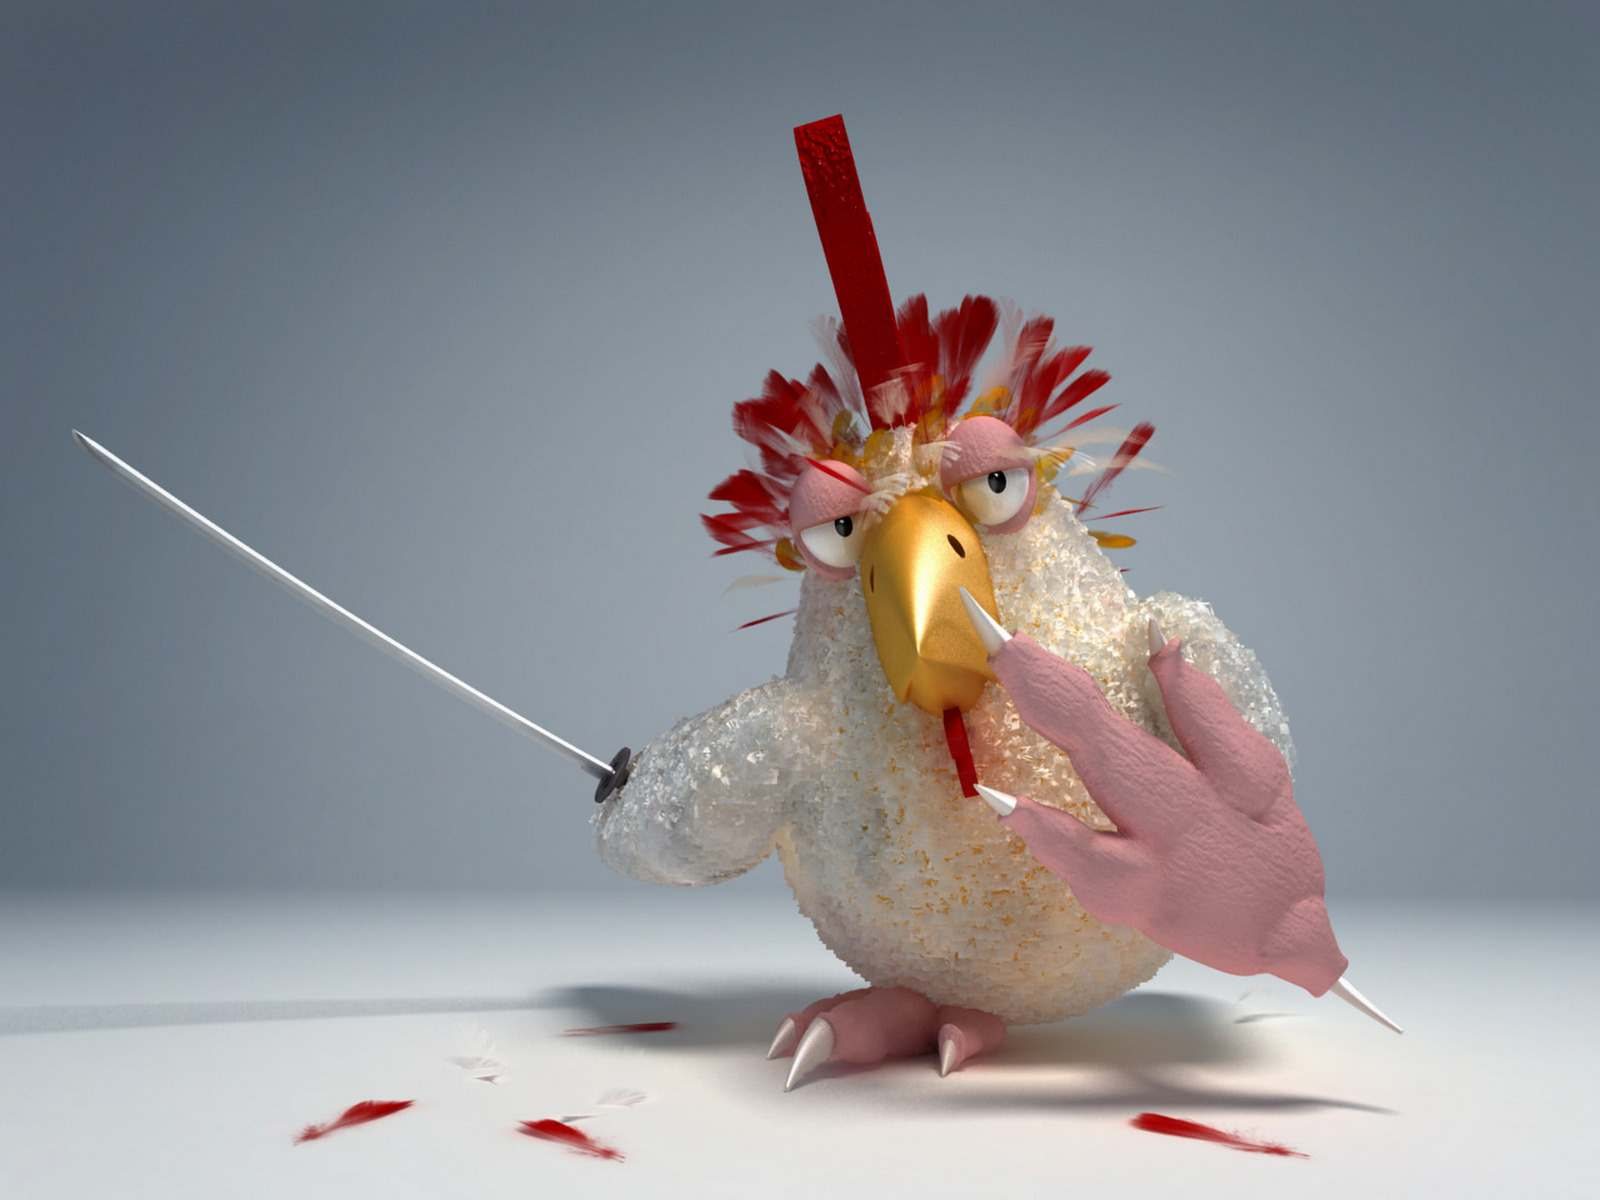 Прикольные картинки с курицами